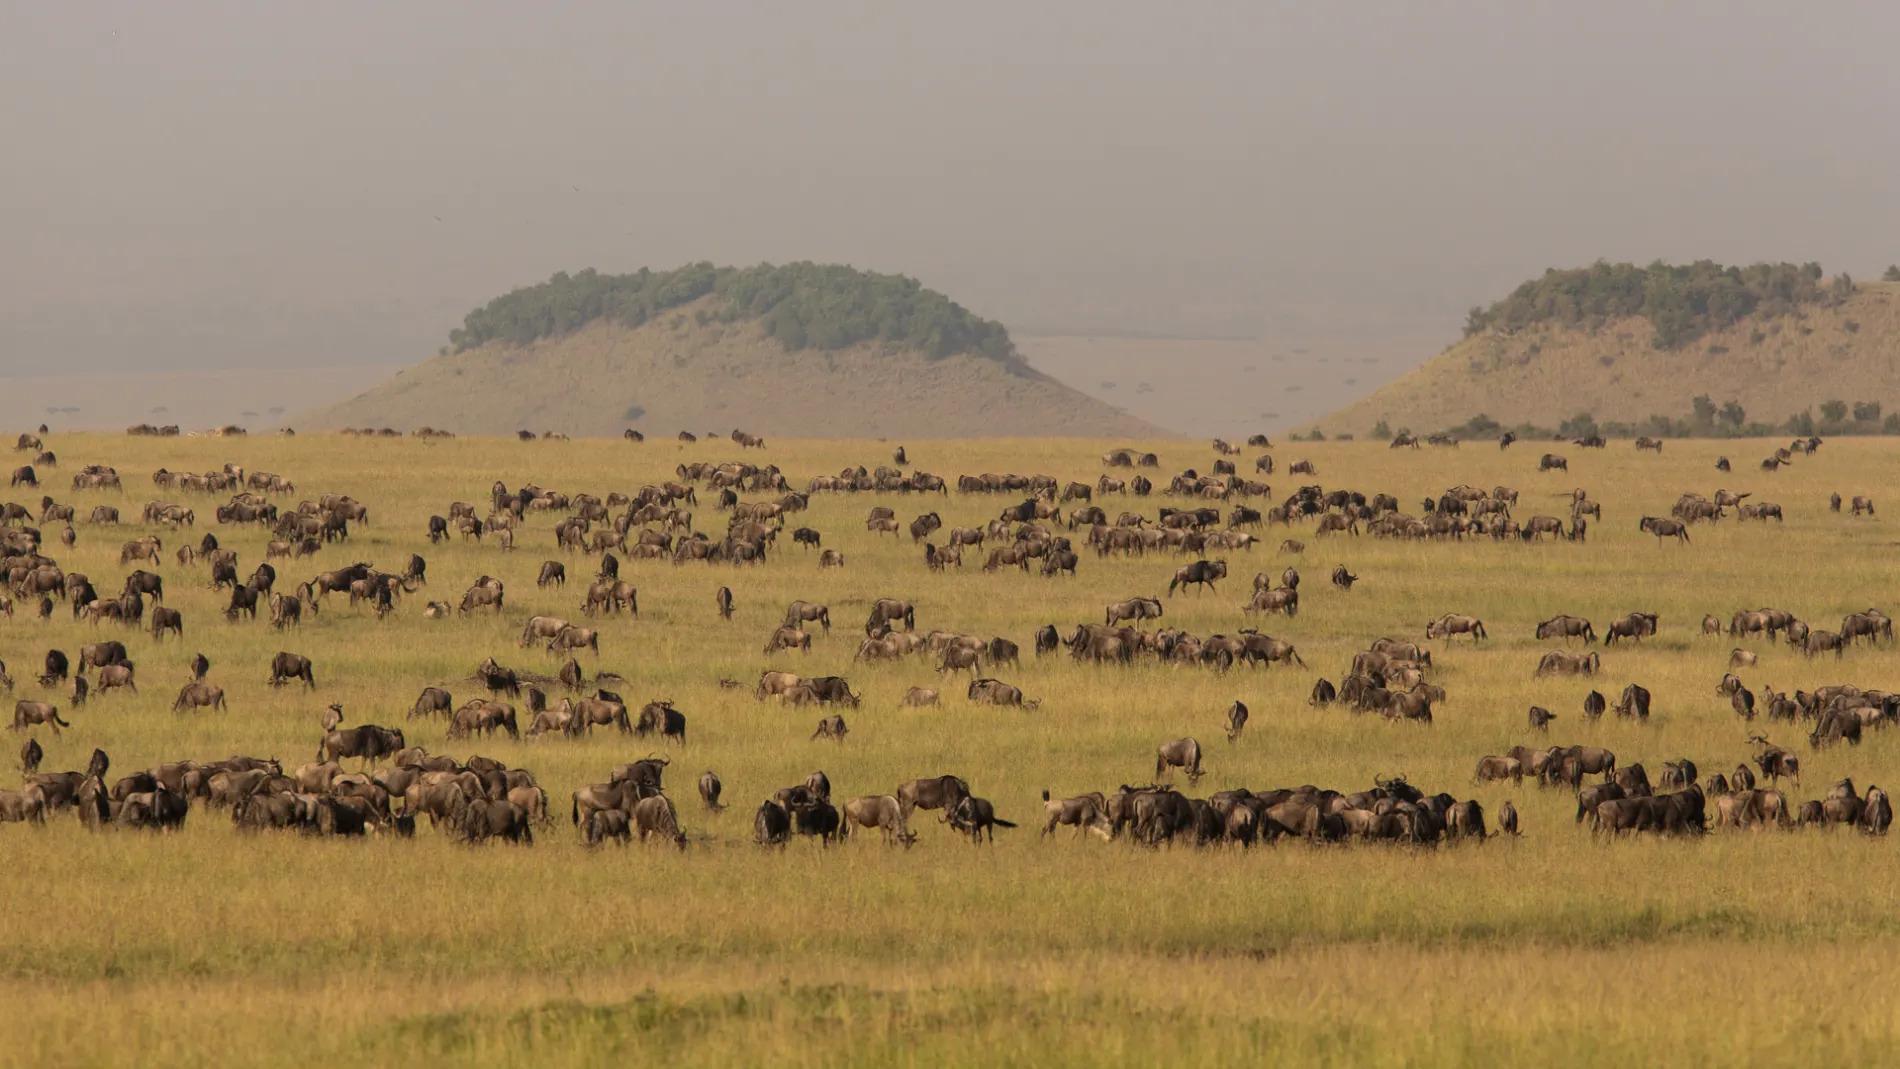 Wildebeest landscape